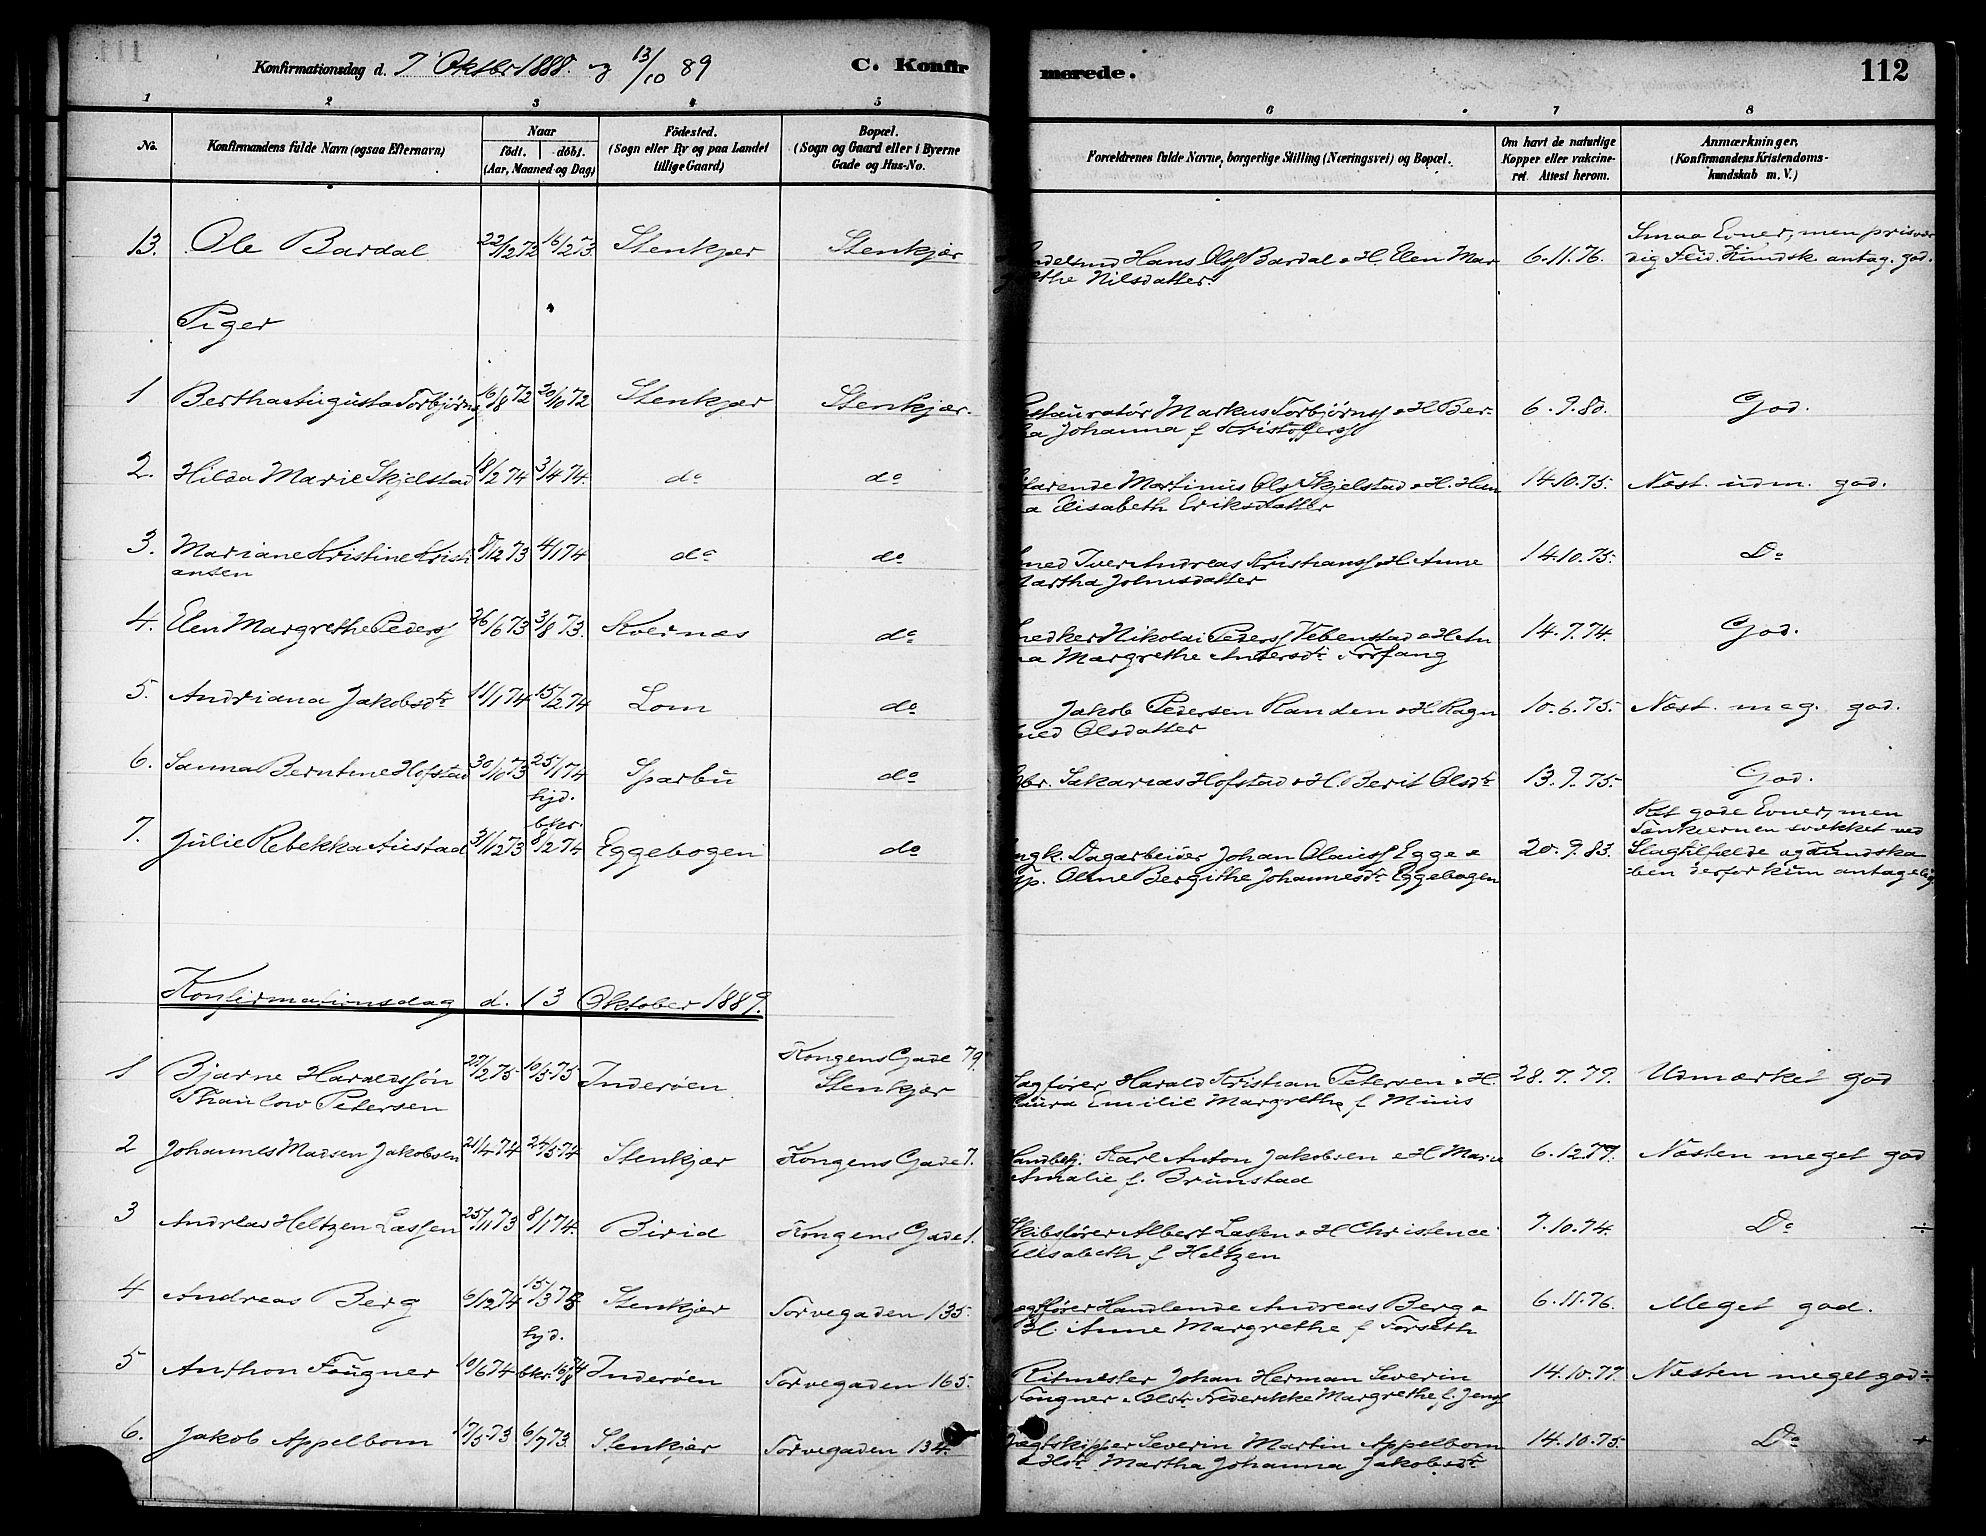 SAT, Ministerialprotokoller, klokkerbøker og fødselsregistre - Nord-Trøndelag, 739/L0371: Ministerialbok nr. 739A03, 1881-1895, s. 112